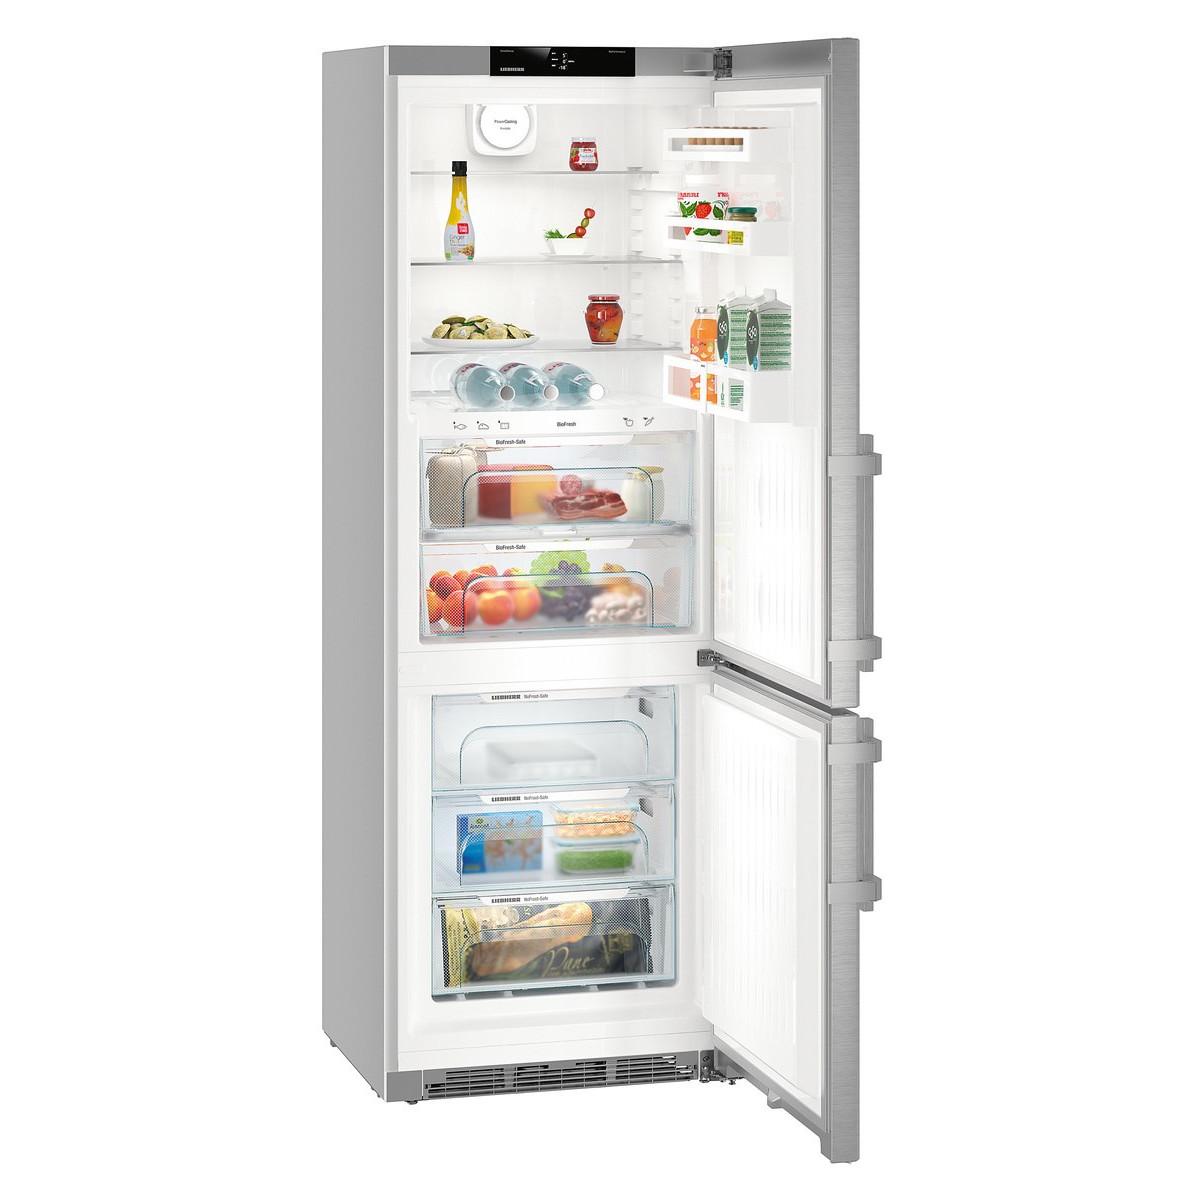 Image of Liebherr CBNef5735 Fridge Freezer